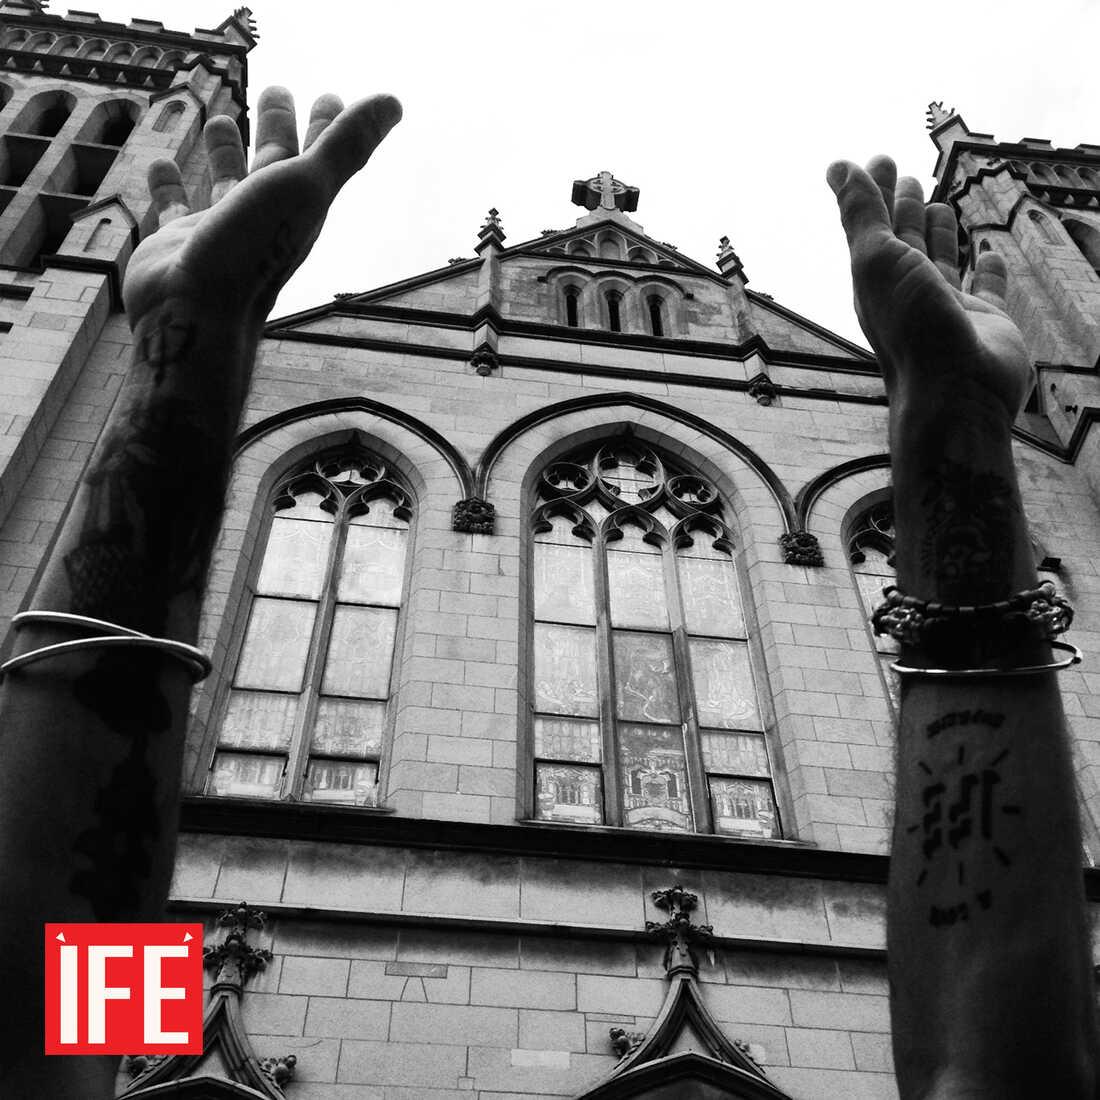 IFE, iii iii